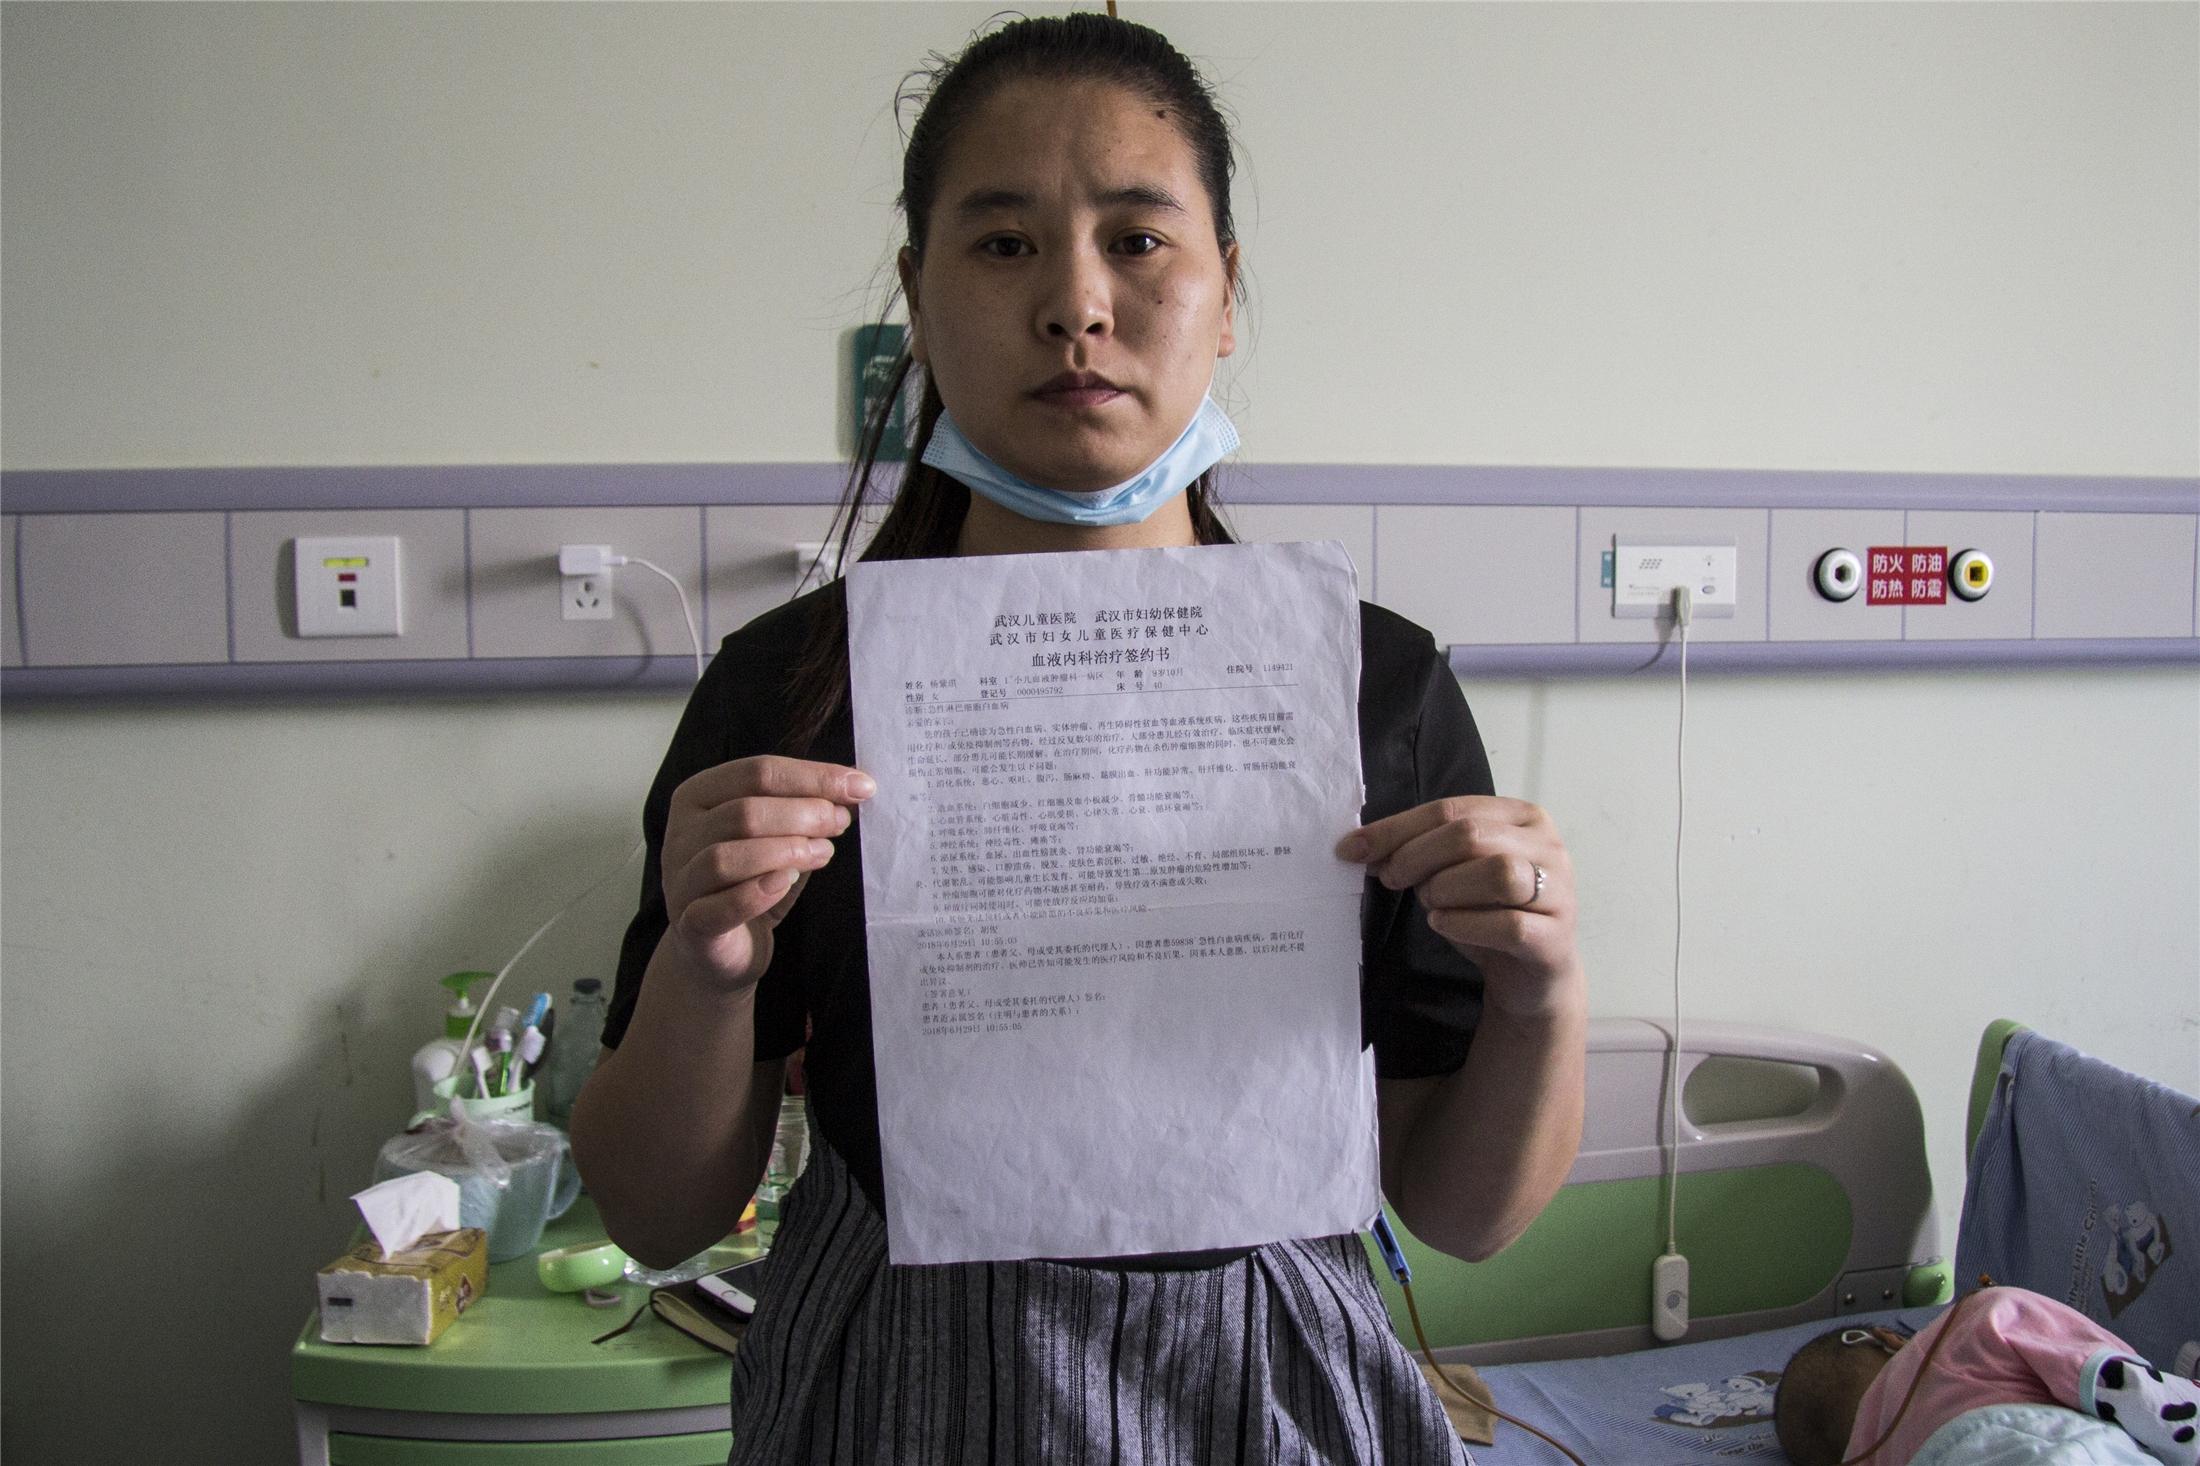 10岁血癌患女生痛哭骨穿却因剃光头不怕两天自拍女孩腿部图片